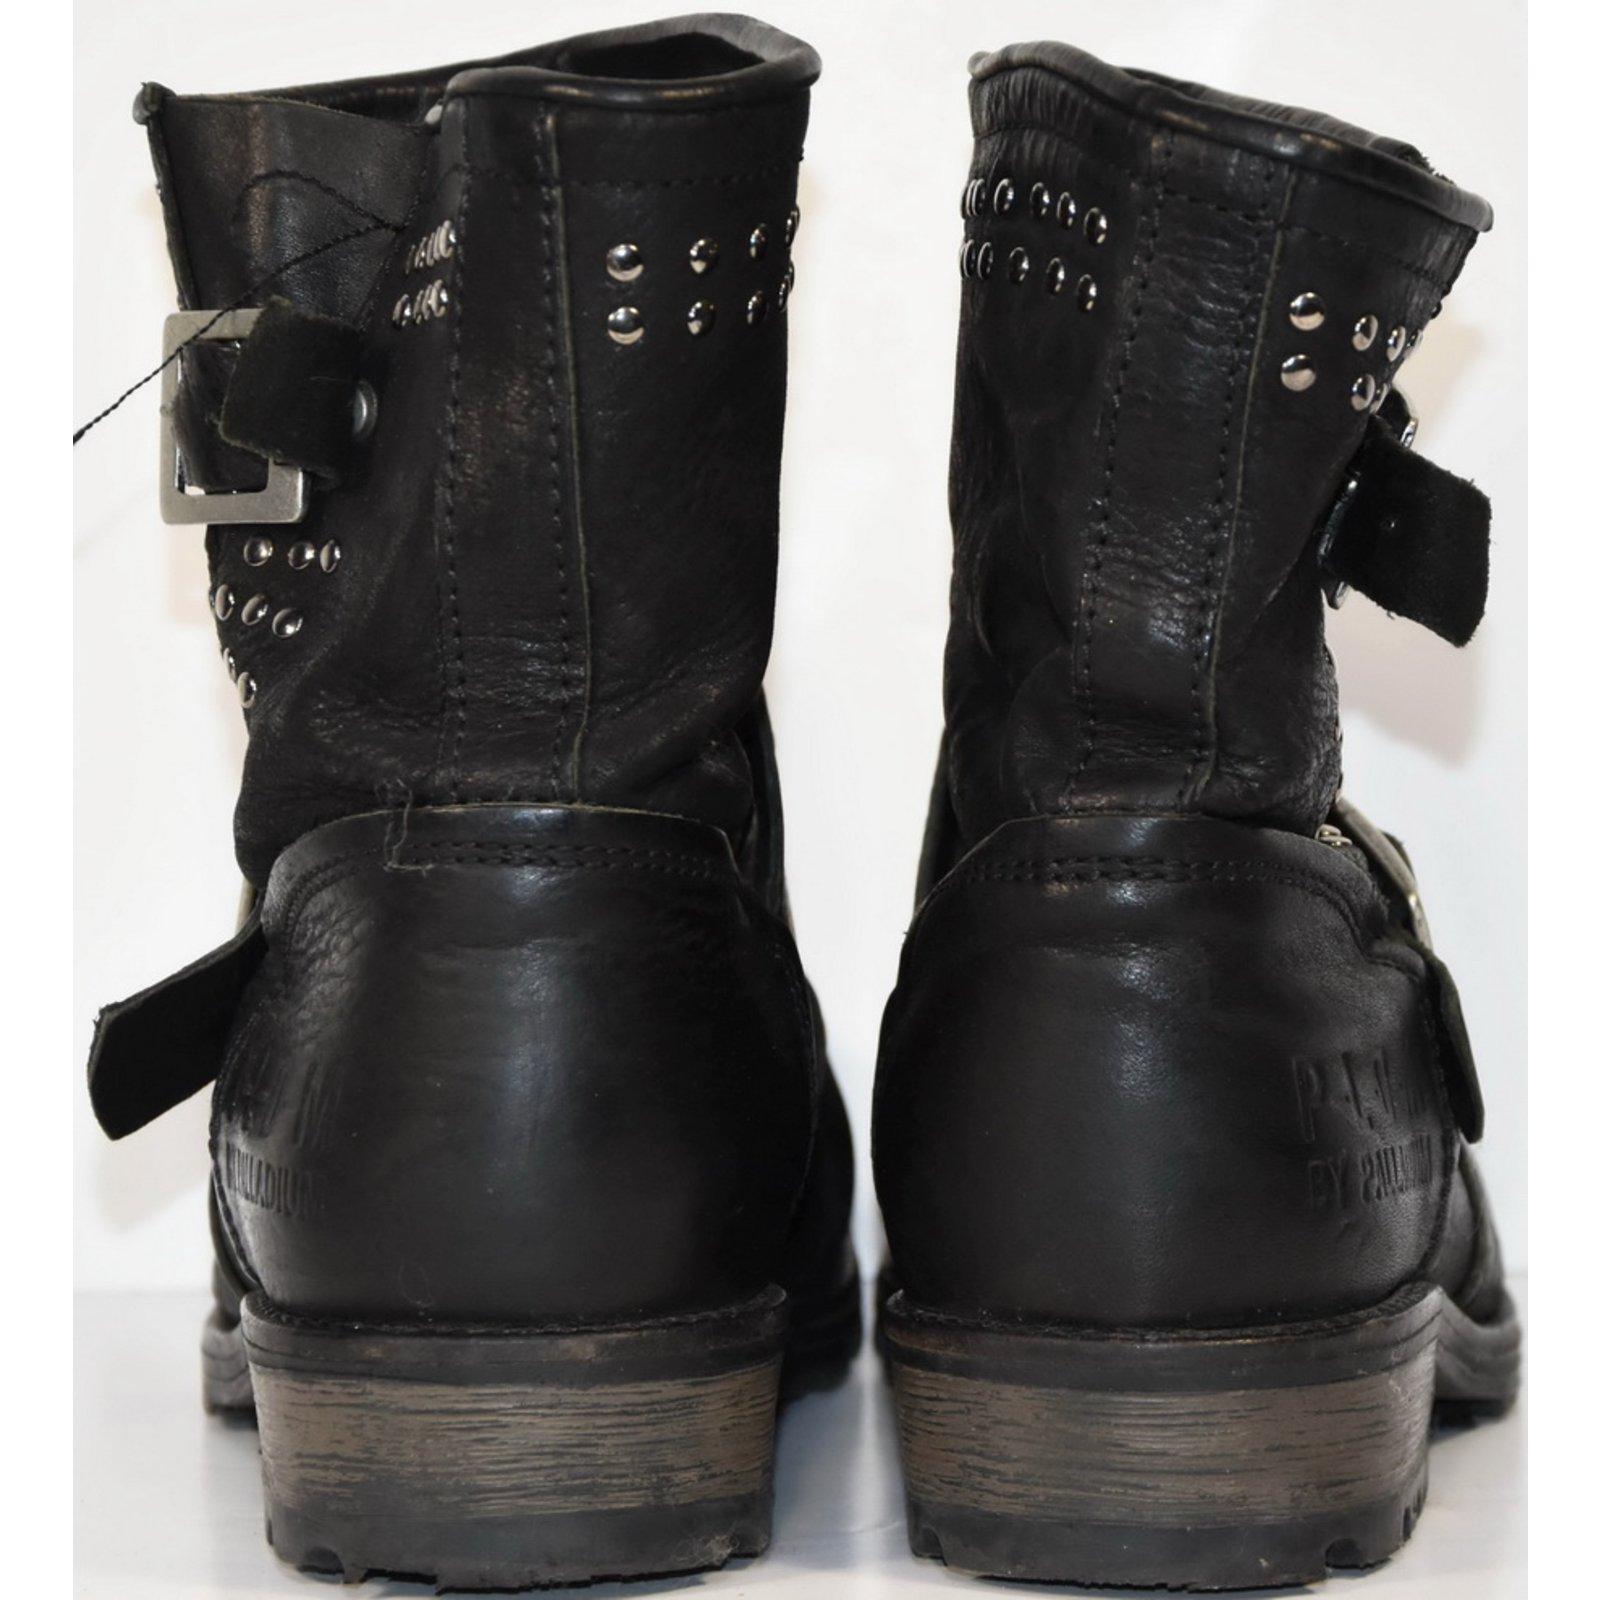 Boots modèle UPCAST STUD noir PALLADIUM